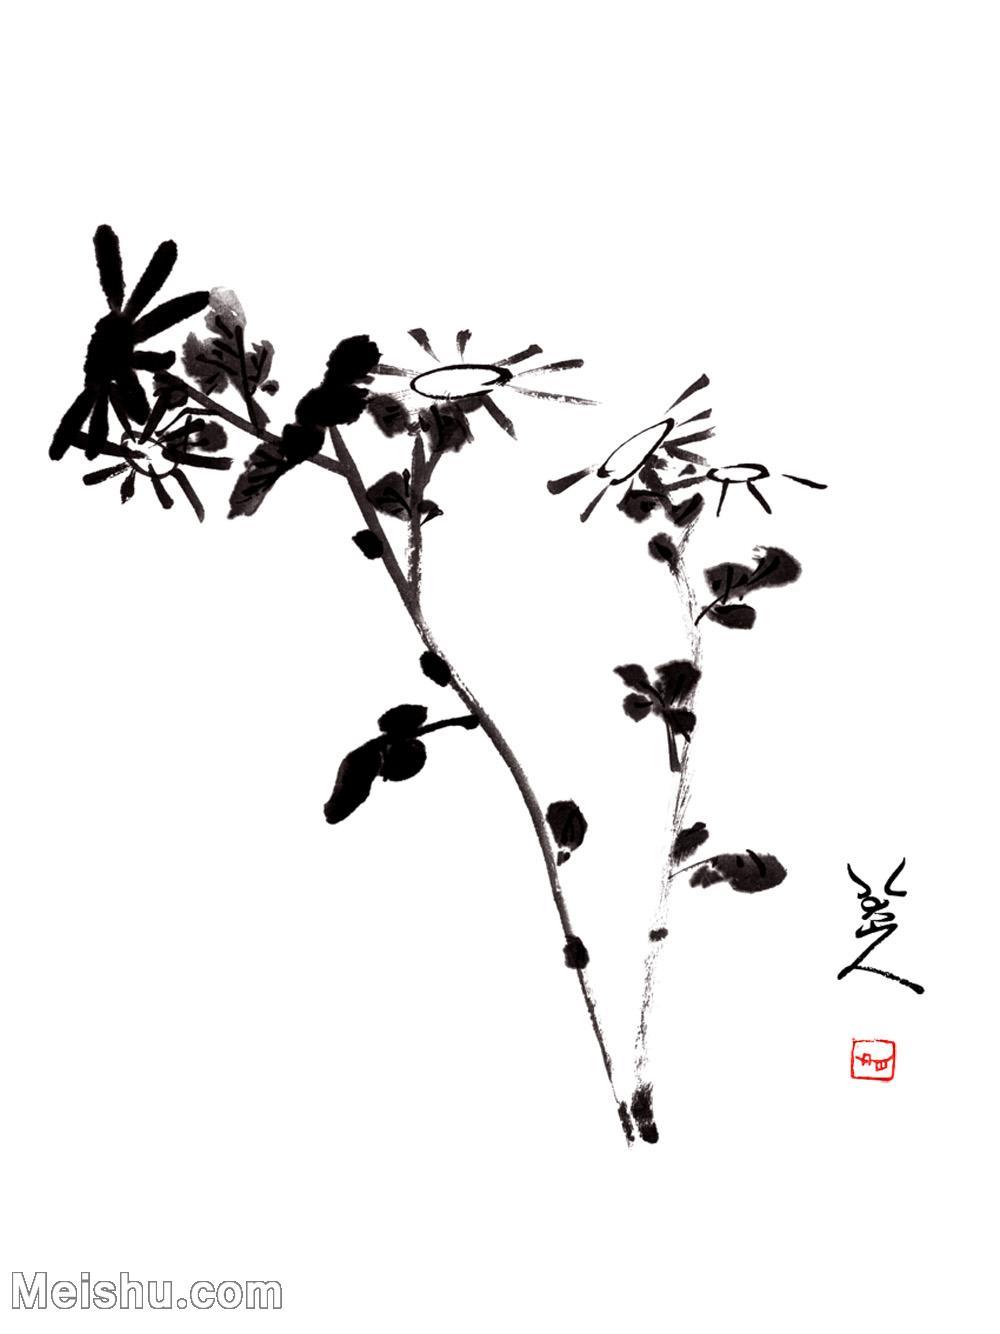 【印刷級】GH6085394古畫樹木植物-野花圖-清-朱耷-紙本-30x40-90x120-小花朵鮮花卉-八大山人立軸圖